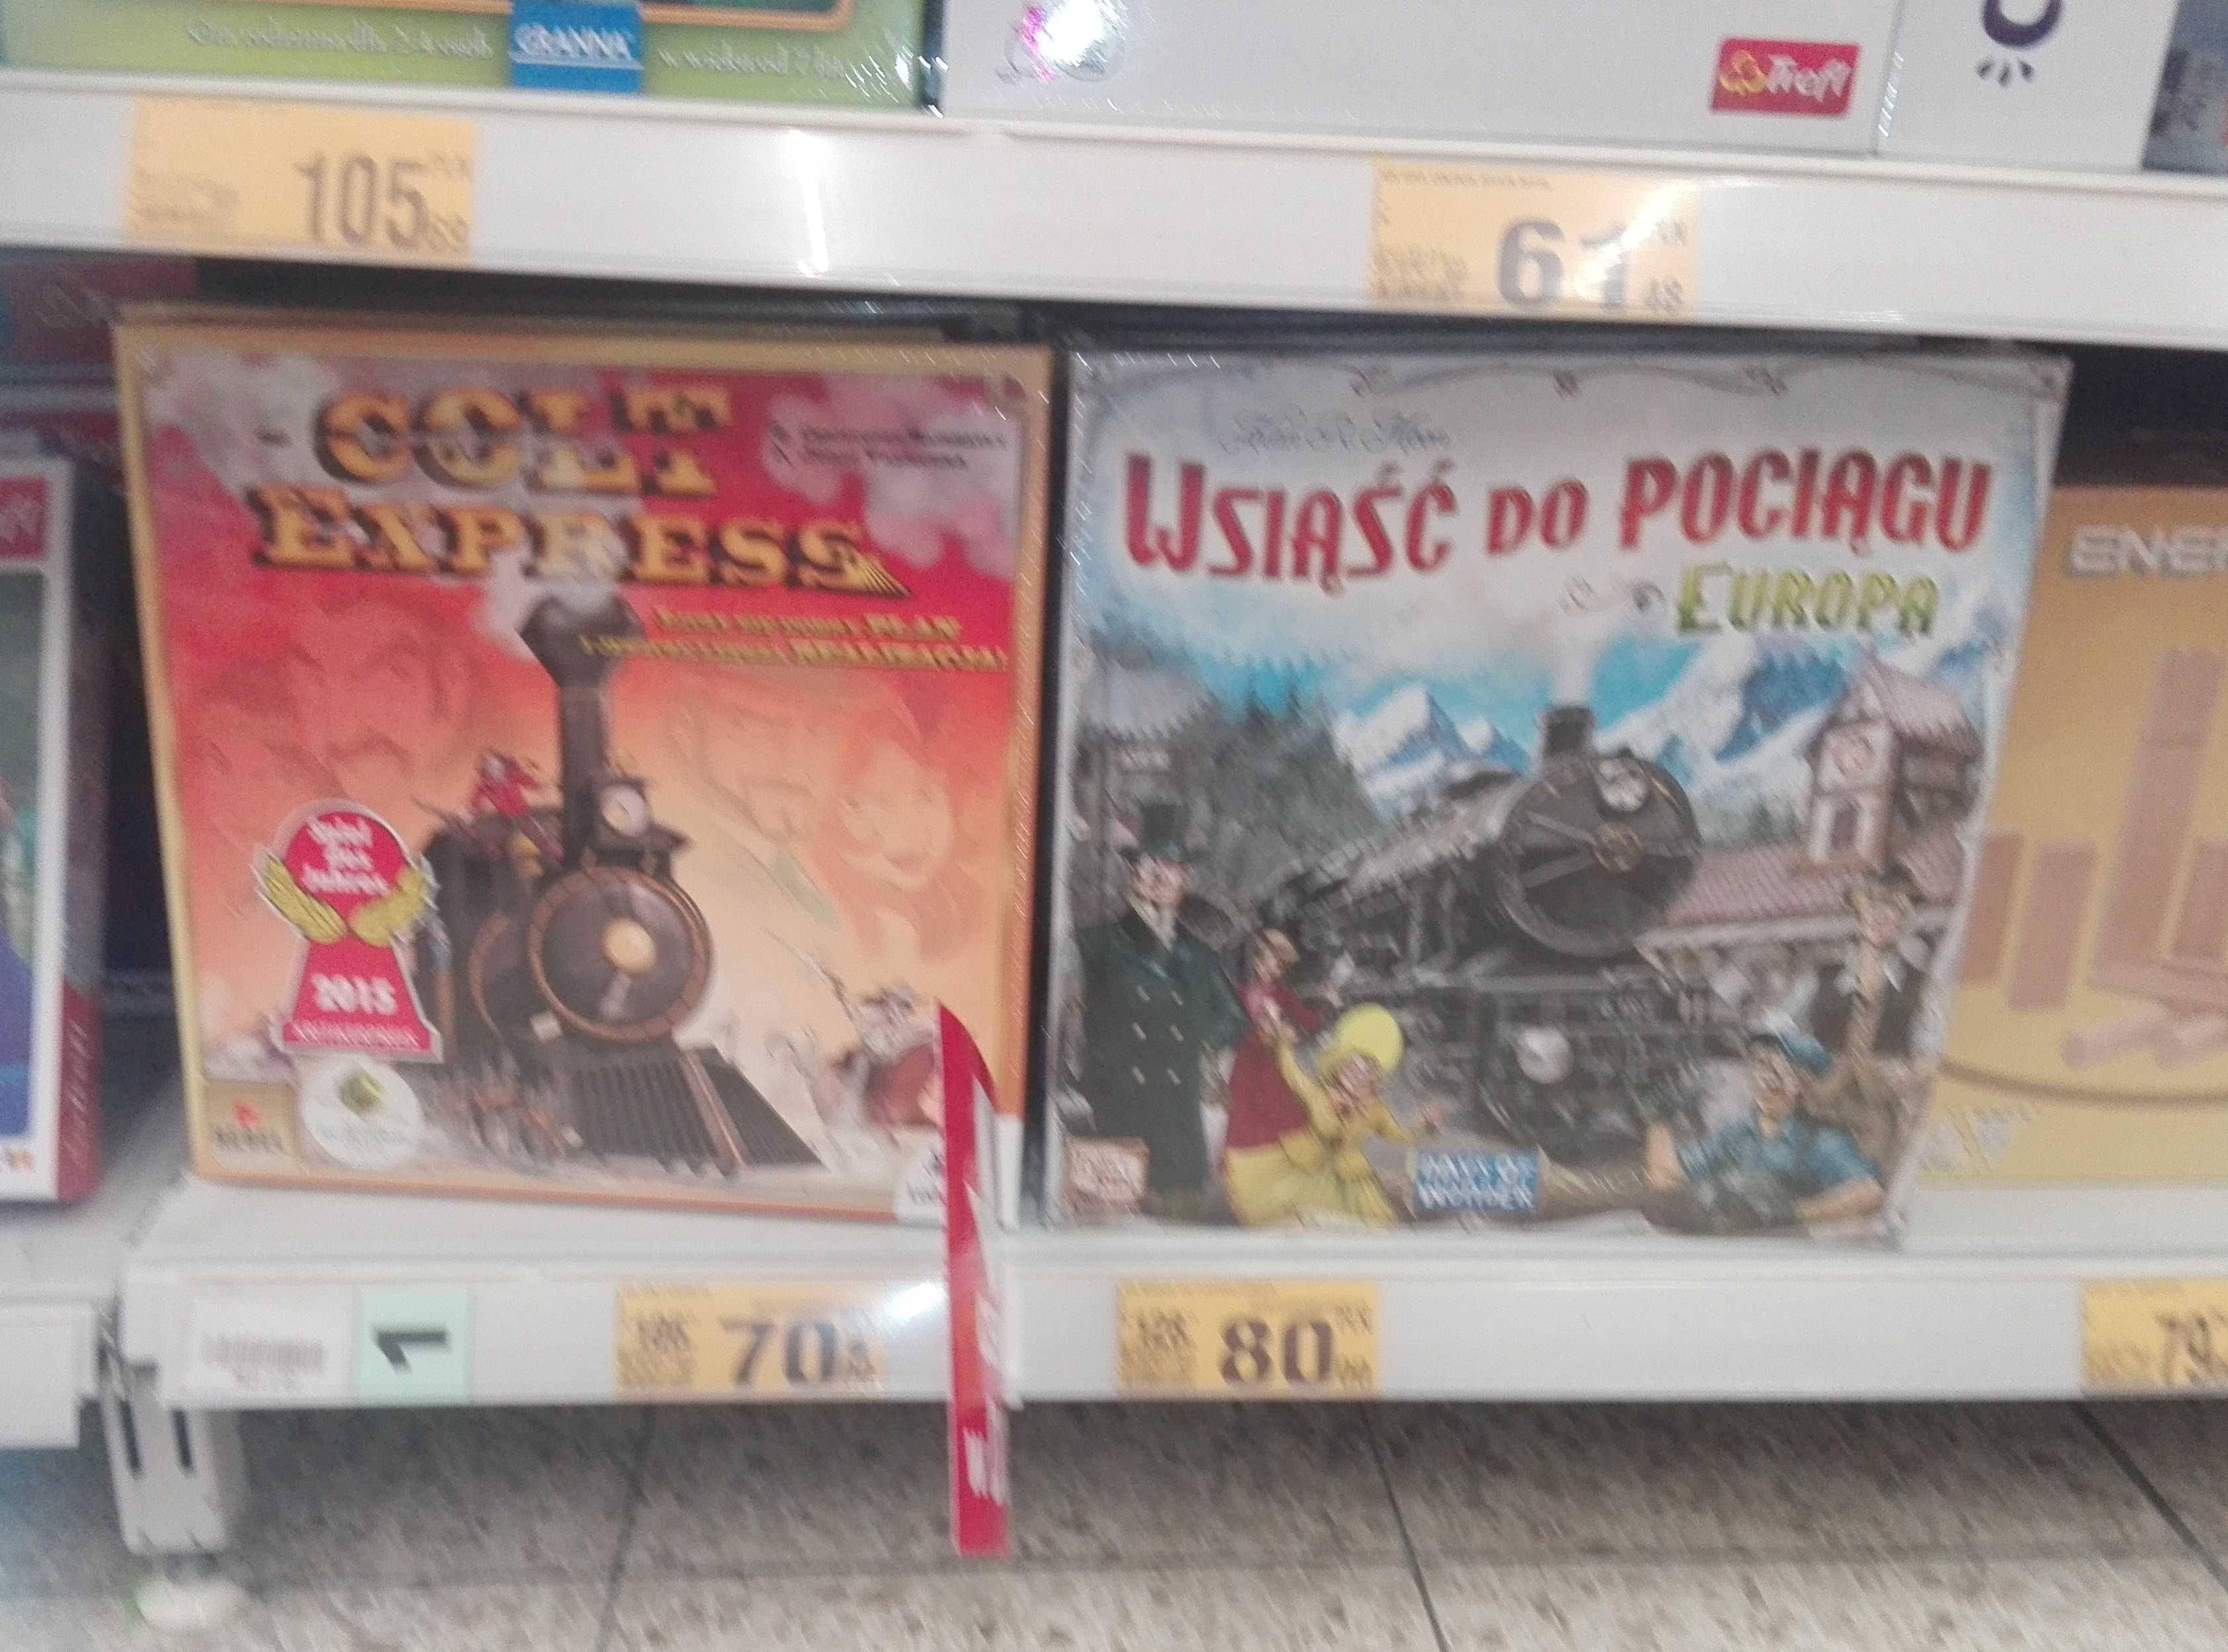 Gra planszowa Wsiąść do pociągu - Auchan Lubin